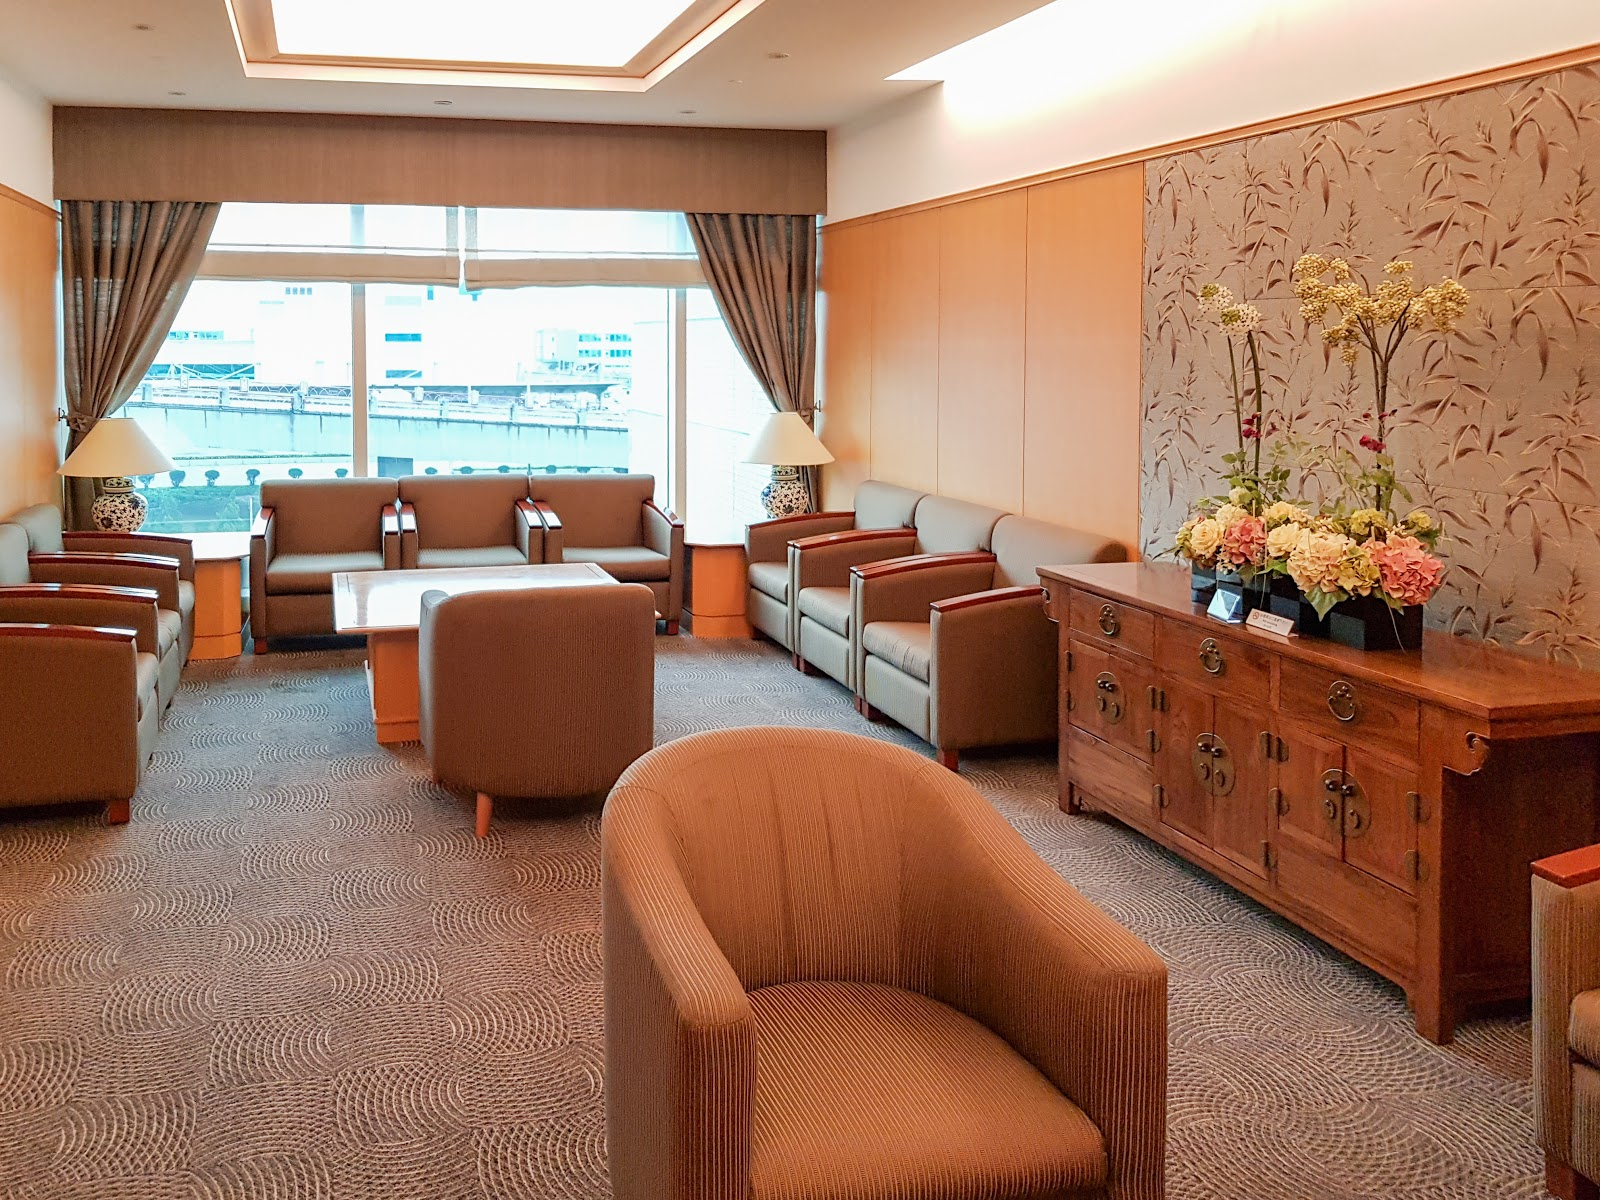 飛行紀錄|日本航空商務艙 JL802: 桃園→成田 (TPE-NRT) 桃園機場貴賓室